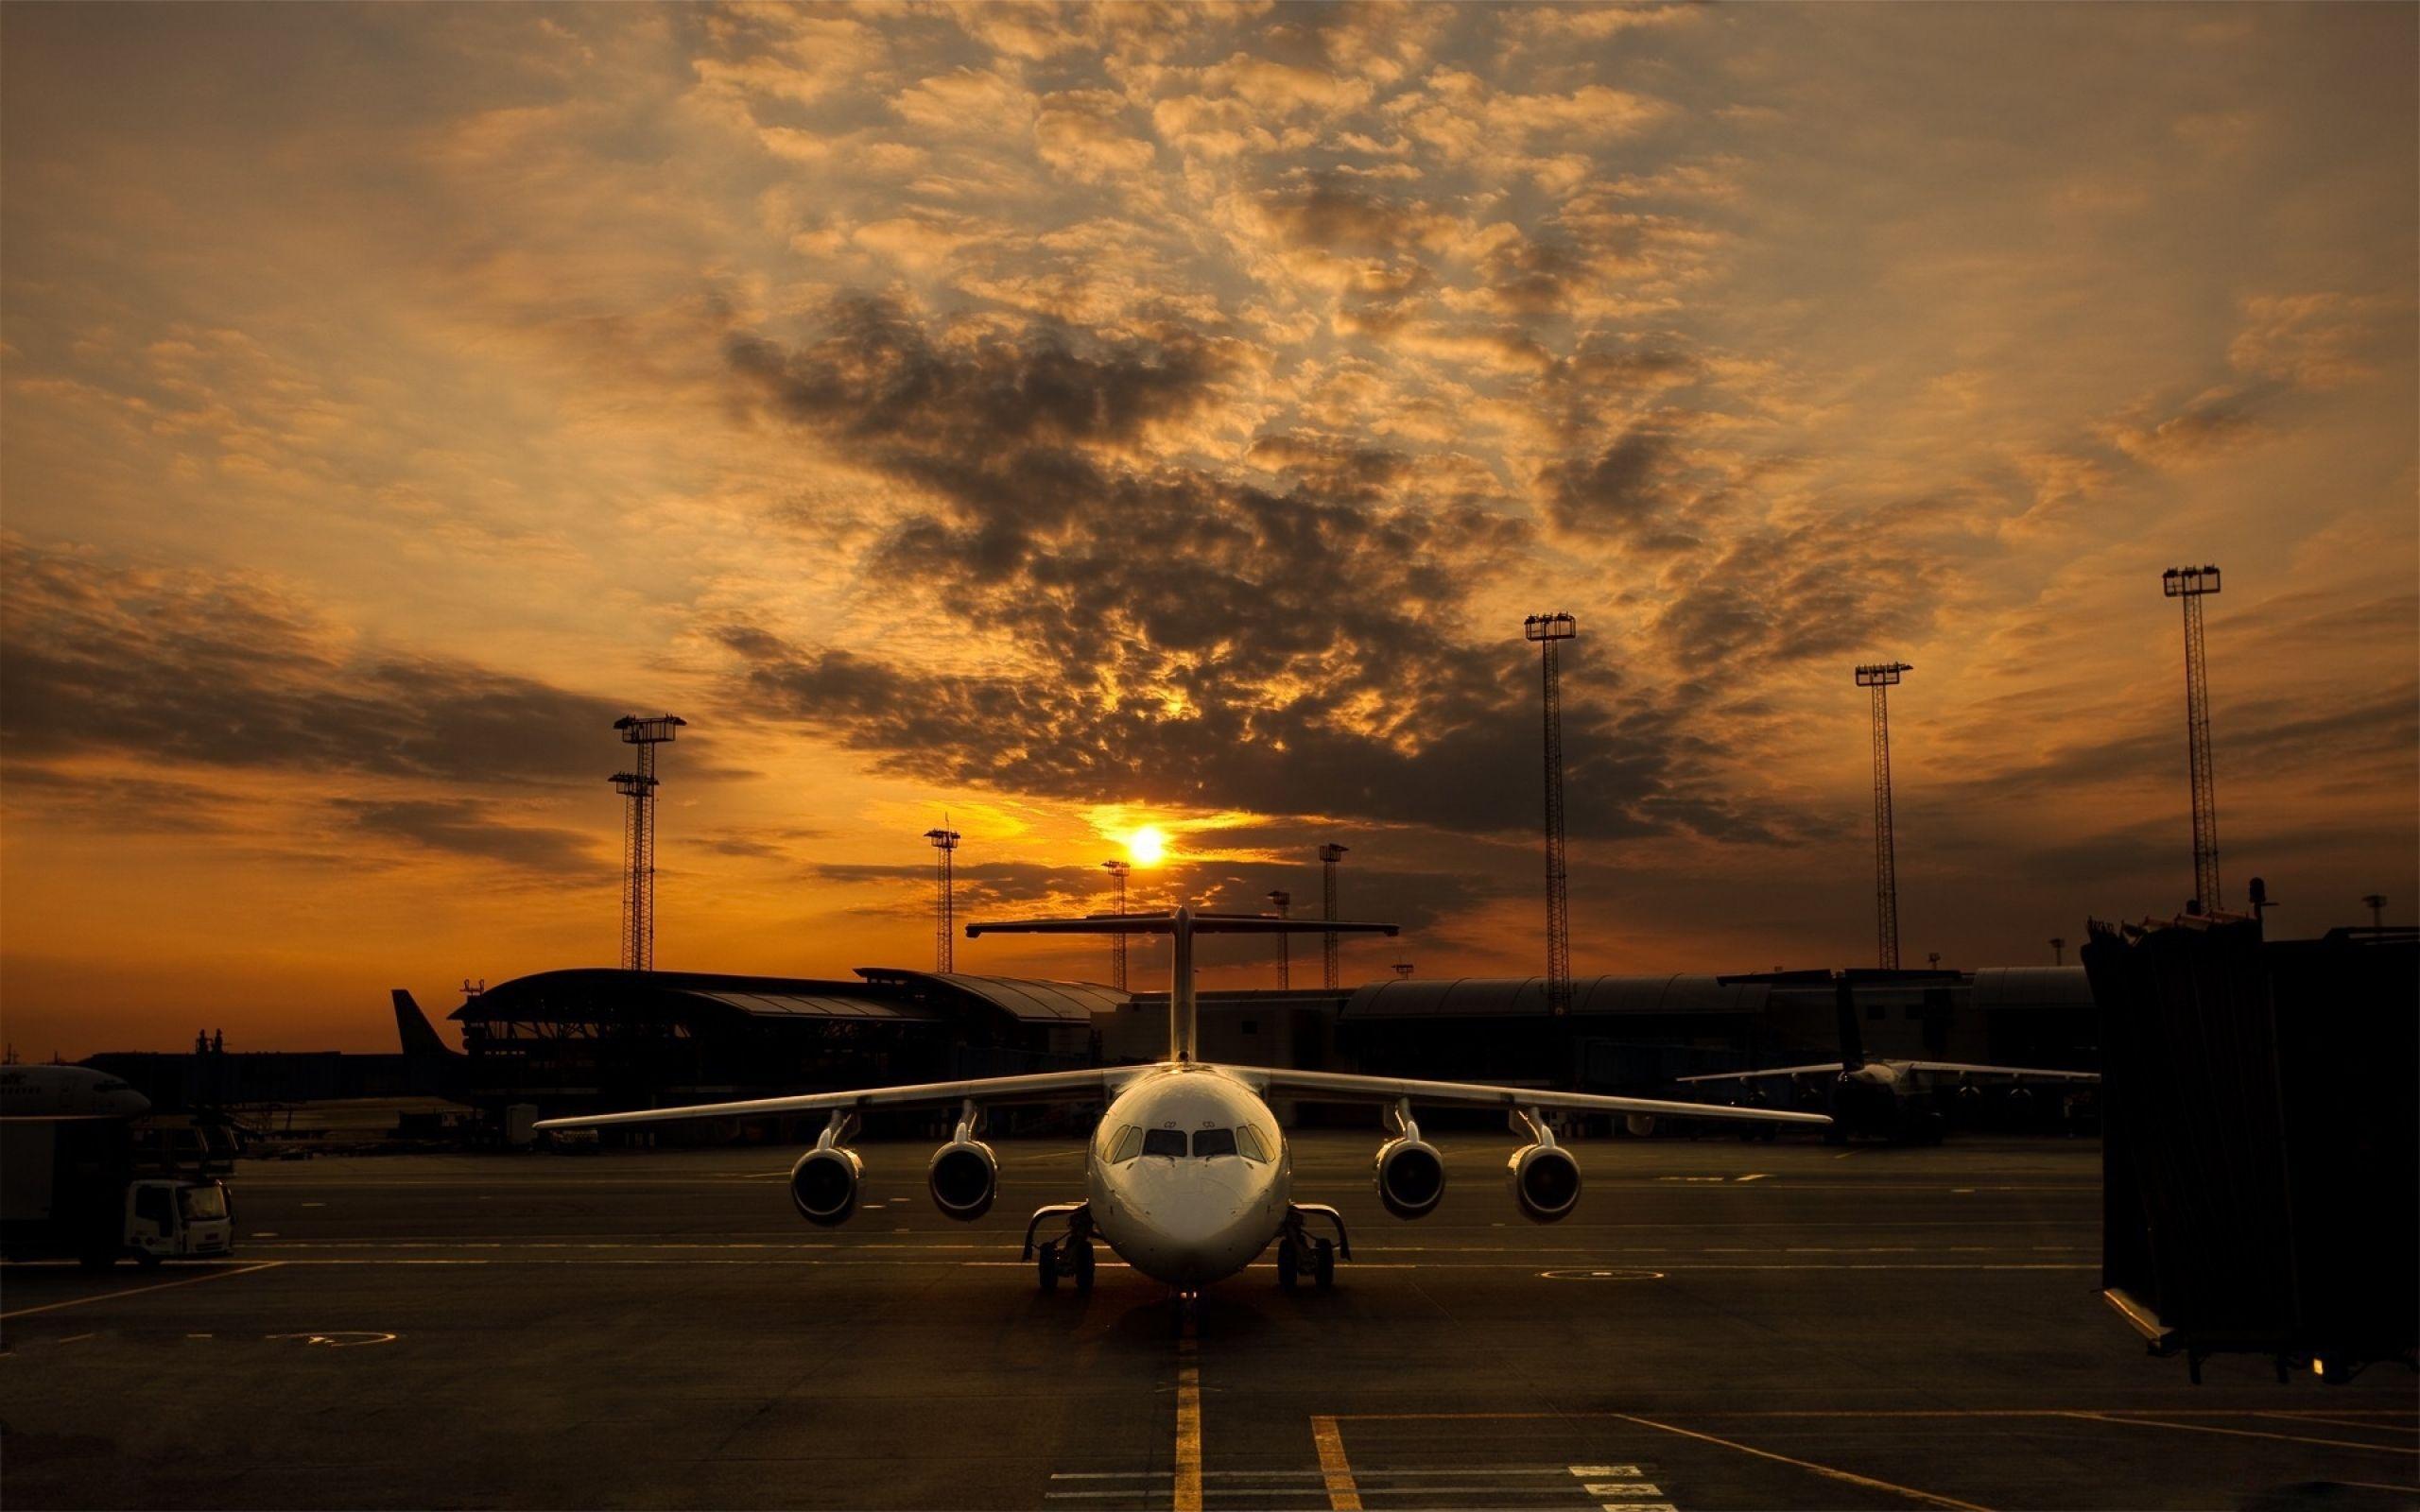 saudi airport photos